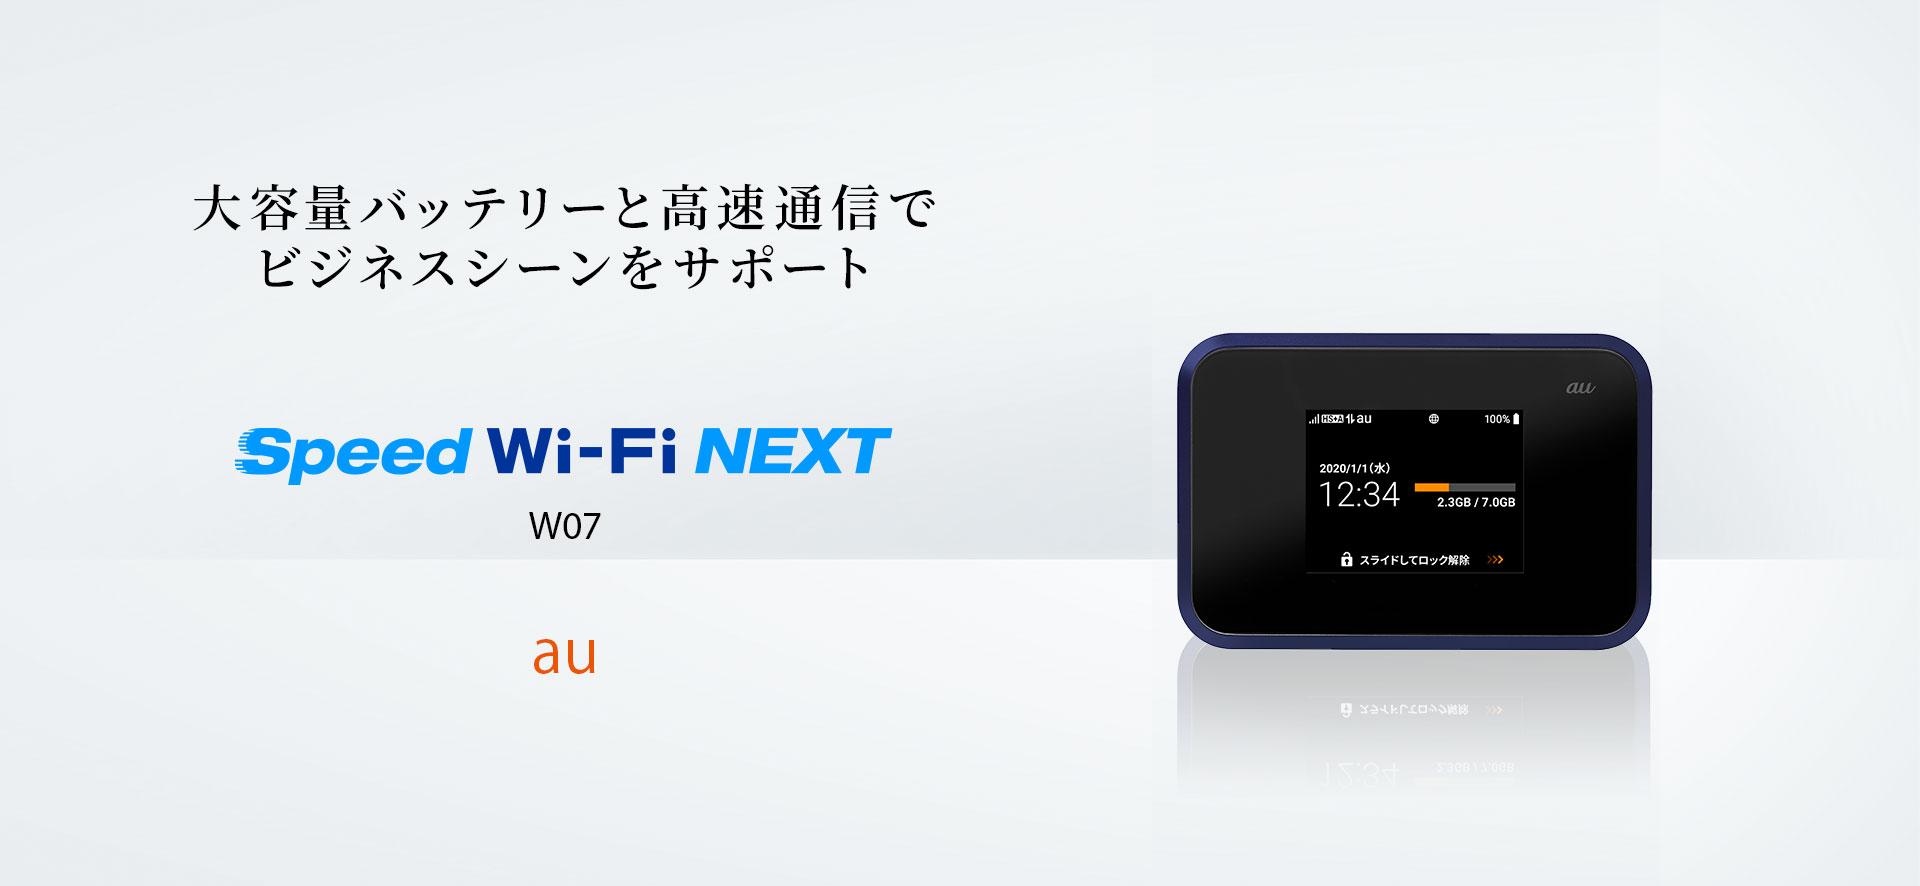 法人専用のWiMAXモバイルルーター機種Speed Wi-Fi NEXT W07